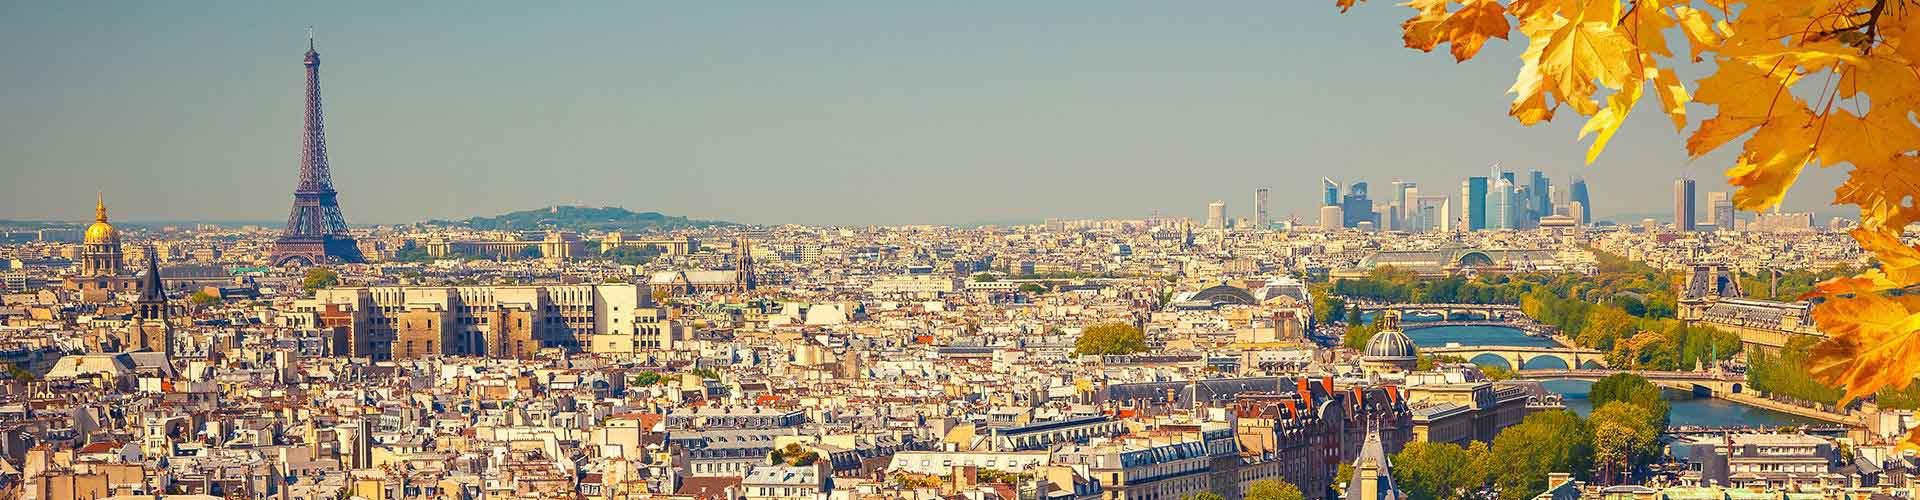 Pariisi – Huoneet kaupungiosassa Viides piiri. Pariisi -karttoja, valokuvia ja arvosteluja kaikista Pariisi -huoneista.